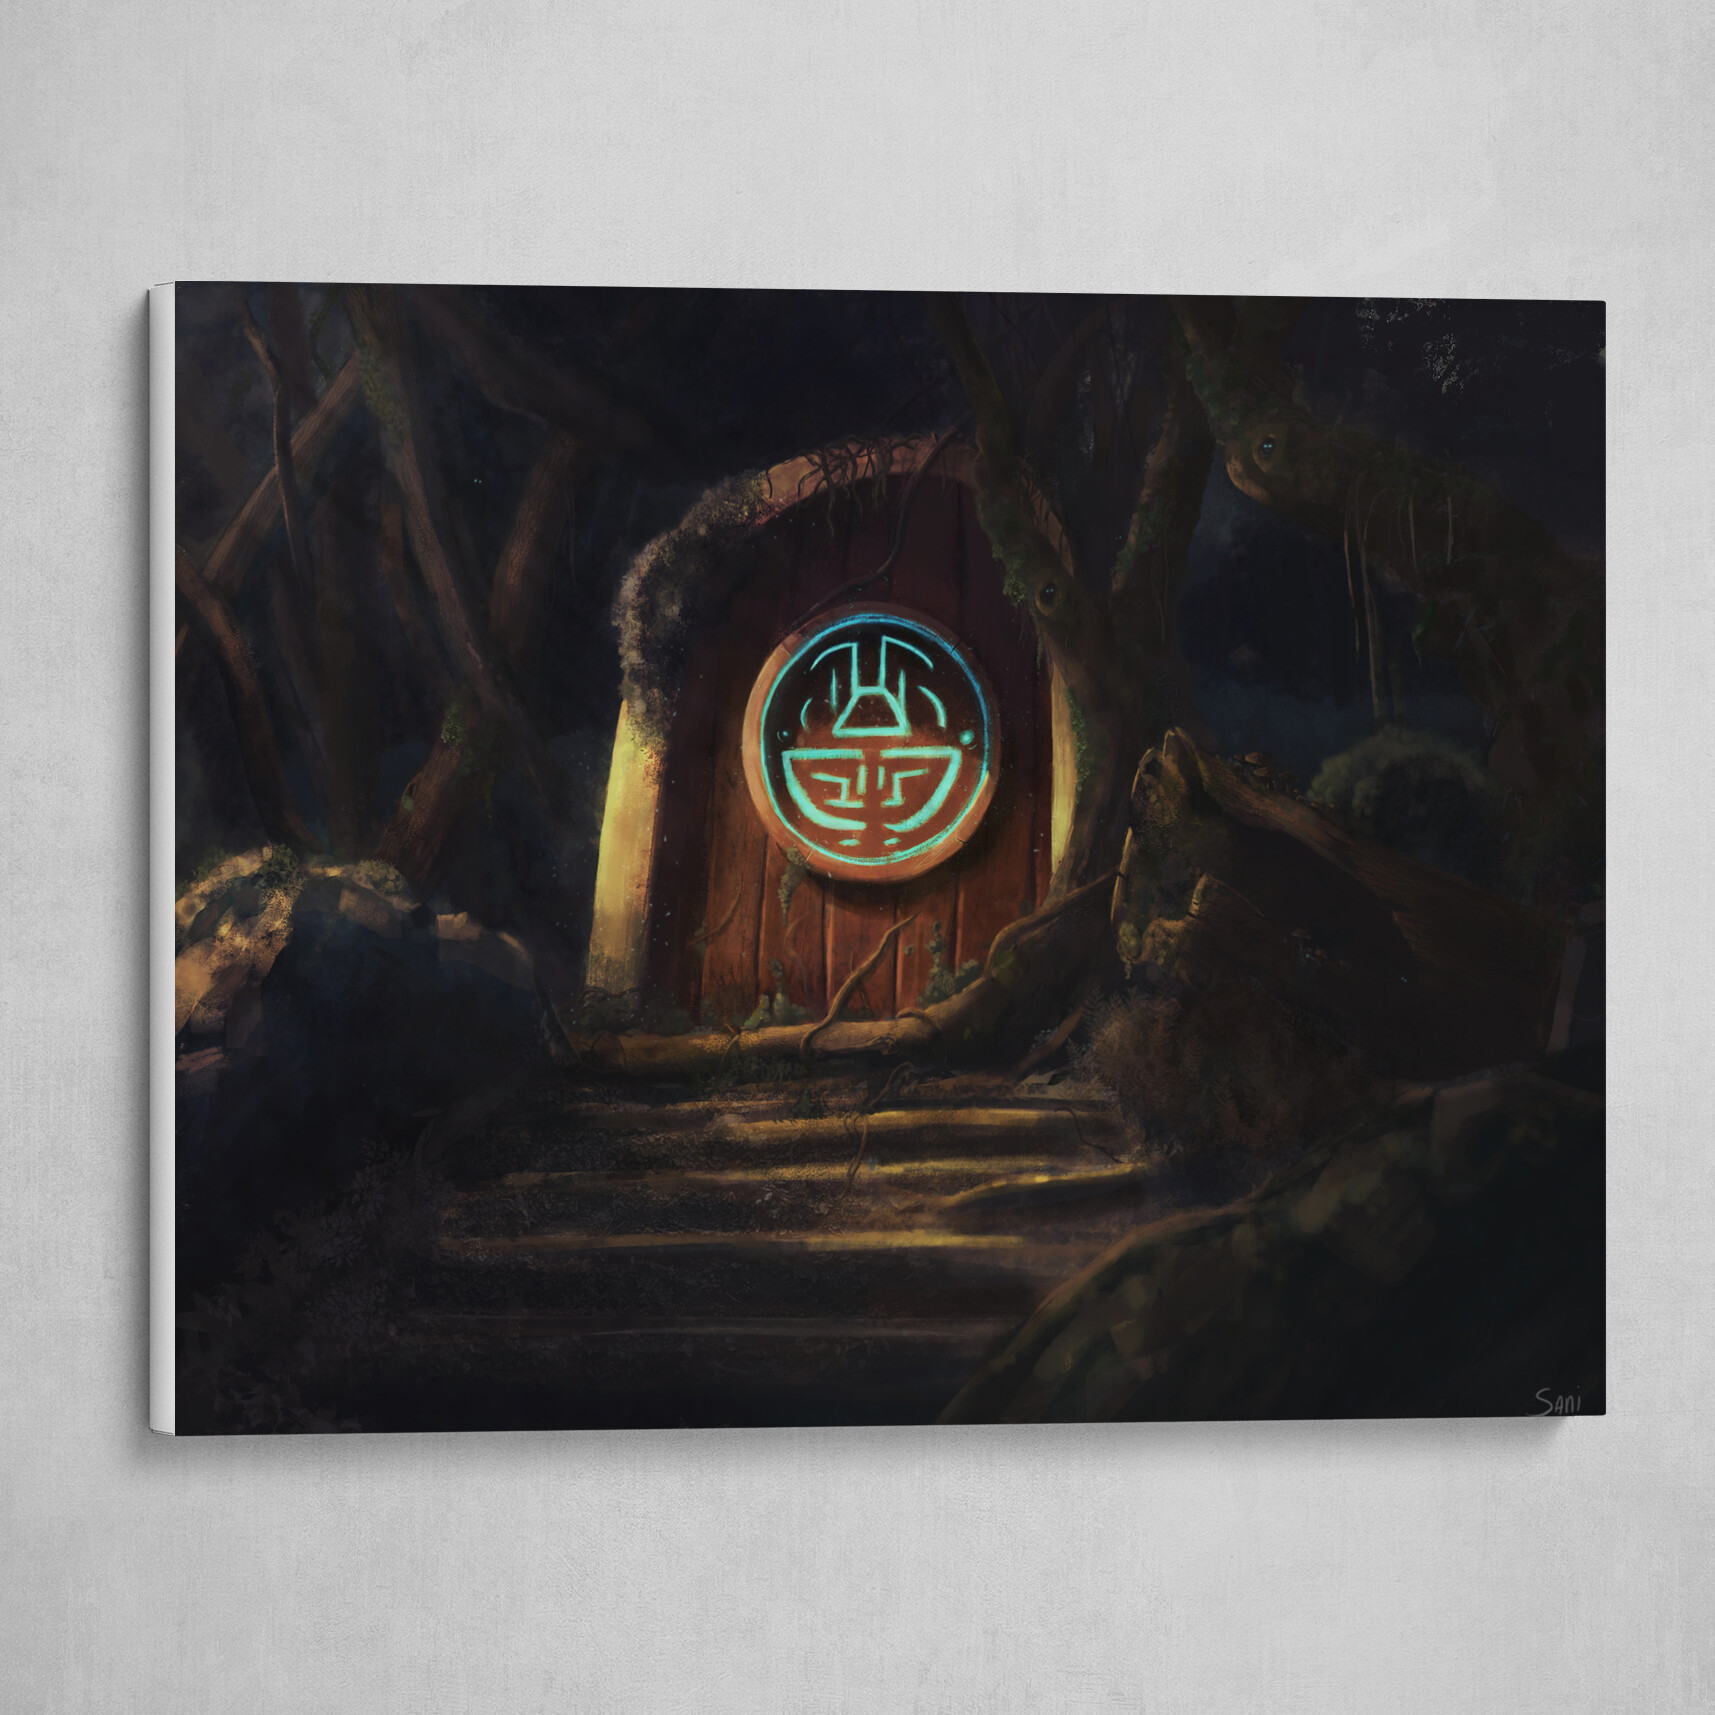 Door of Etea